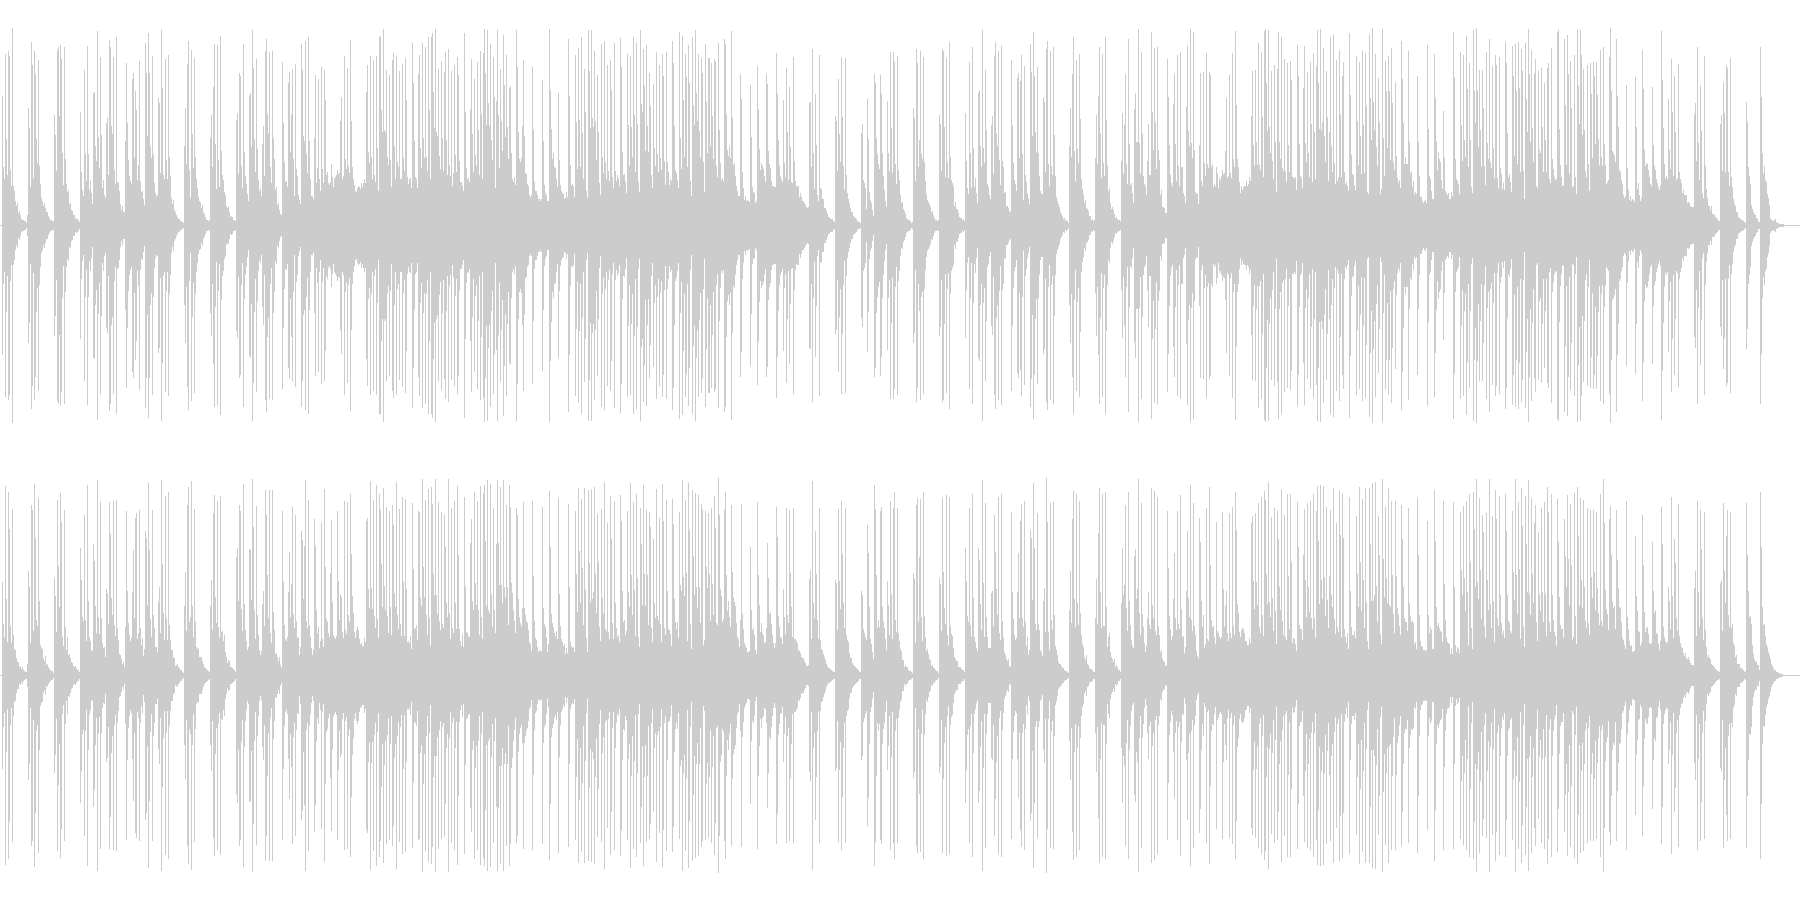 のんびり・のどかなクラシック風ポップスの未再生の波形